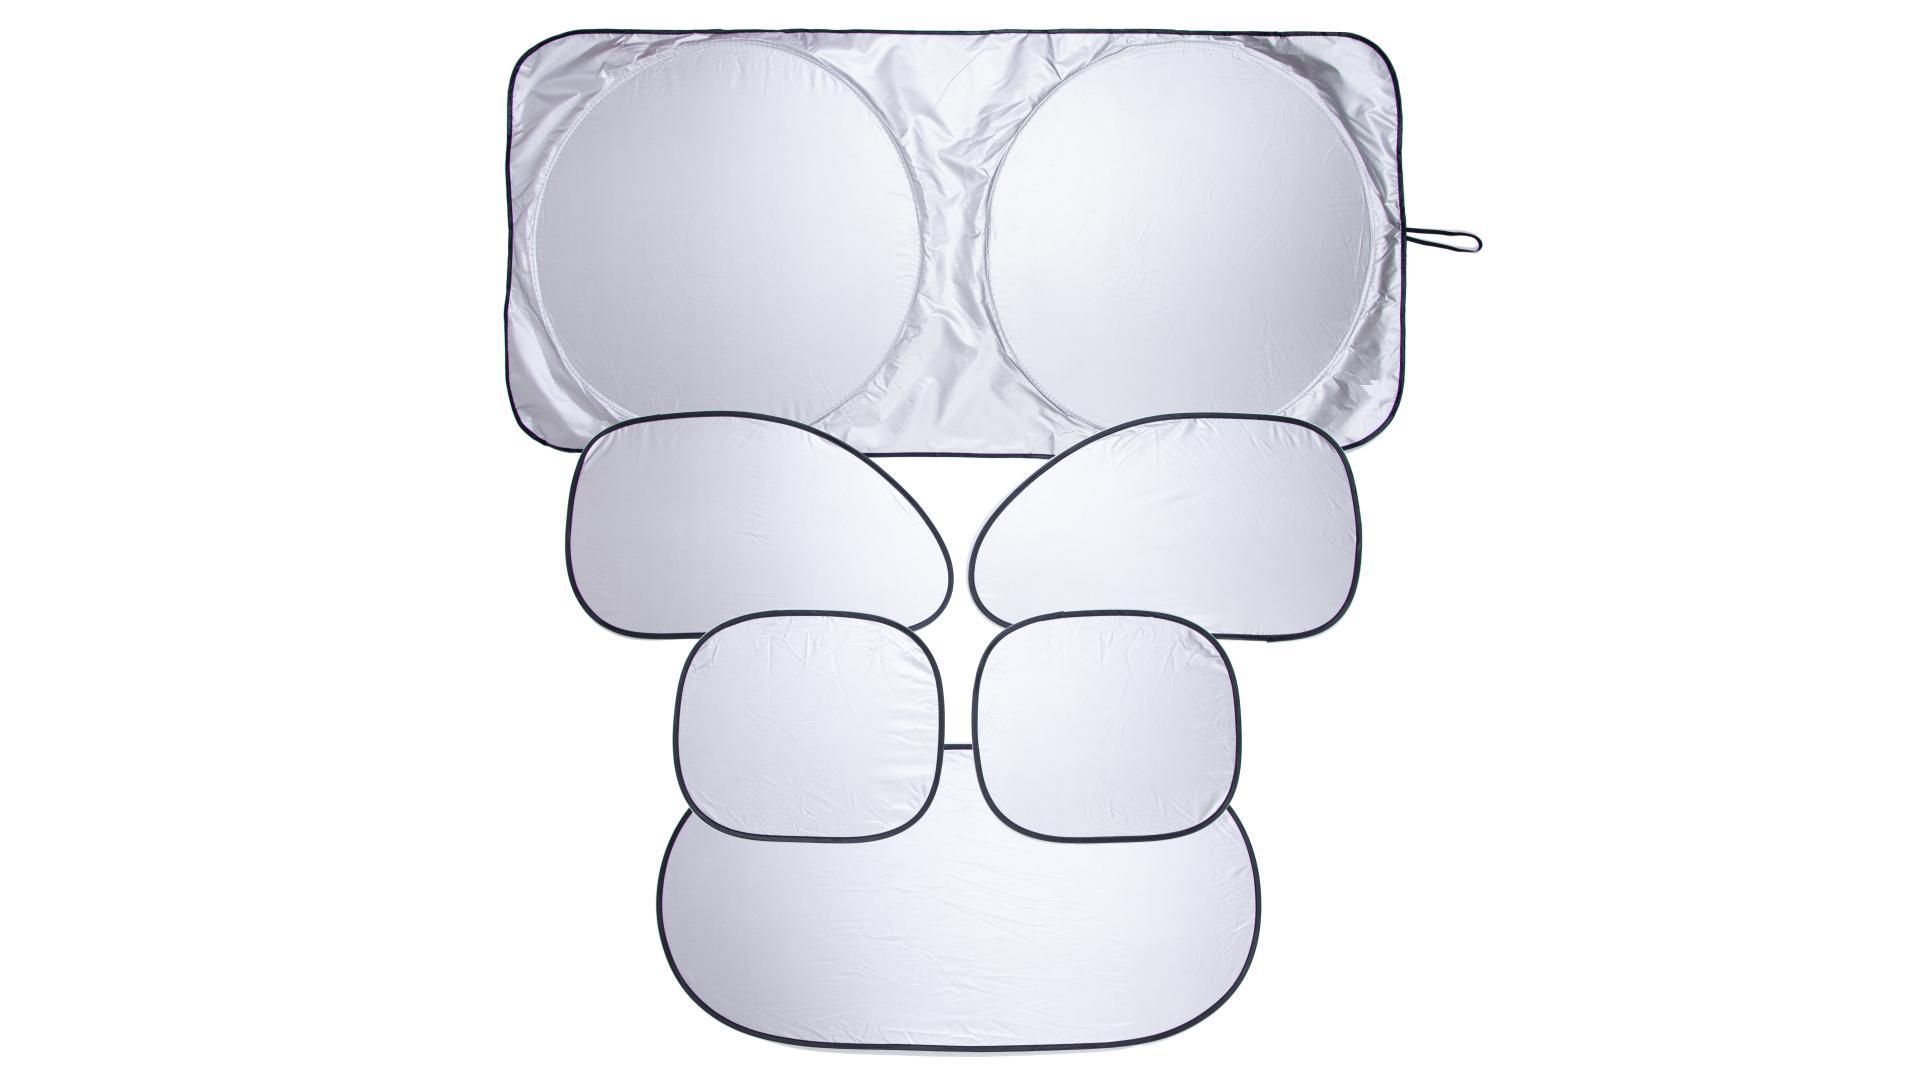 4CARS Sada tepelných clon ELASTIC malá - 1x čelná 142x67cm,1x zadná,4x bočná